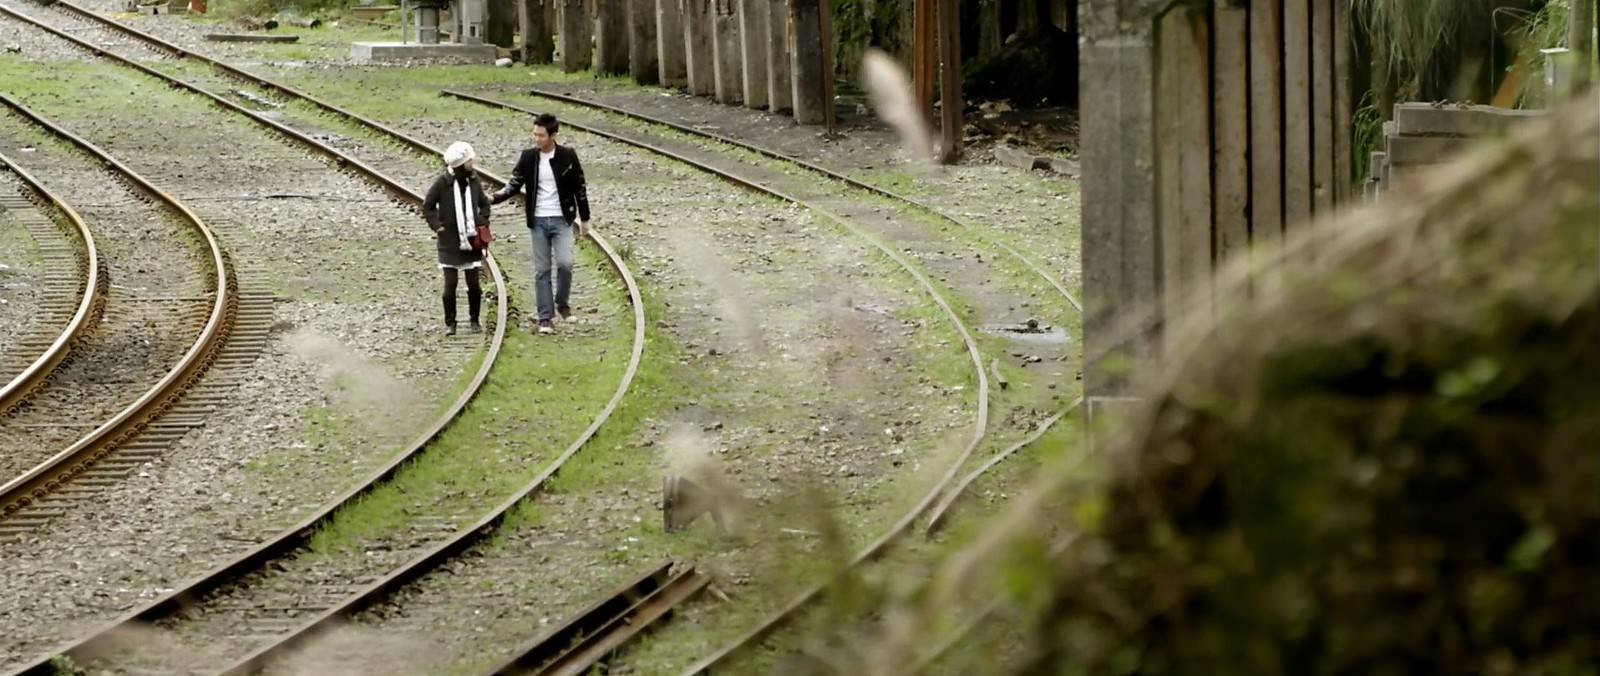 Movie, 那些年,我們一起追的女孩(台灣, 2011) / 那些年,我们一起追的女孩(中國), You're The Apple Of My Eye(英文), 電影畫面